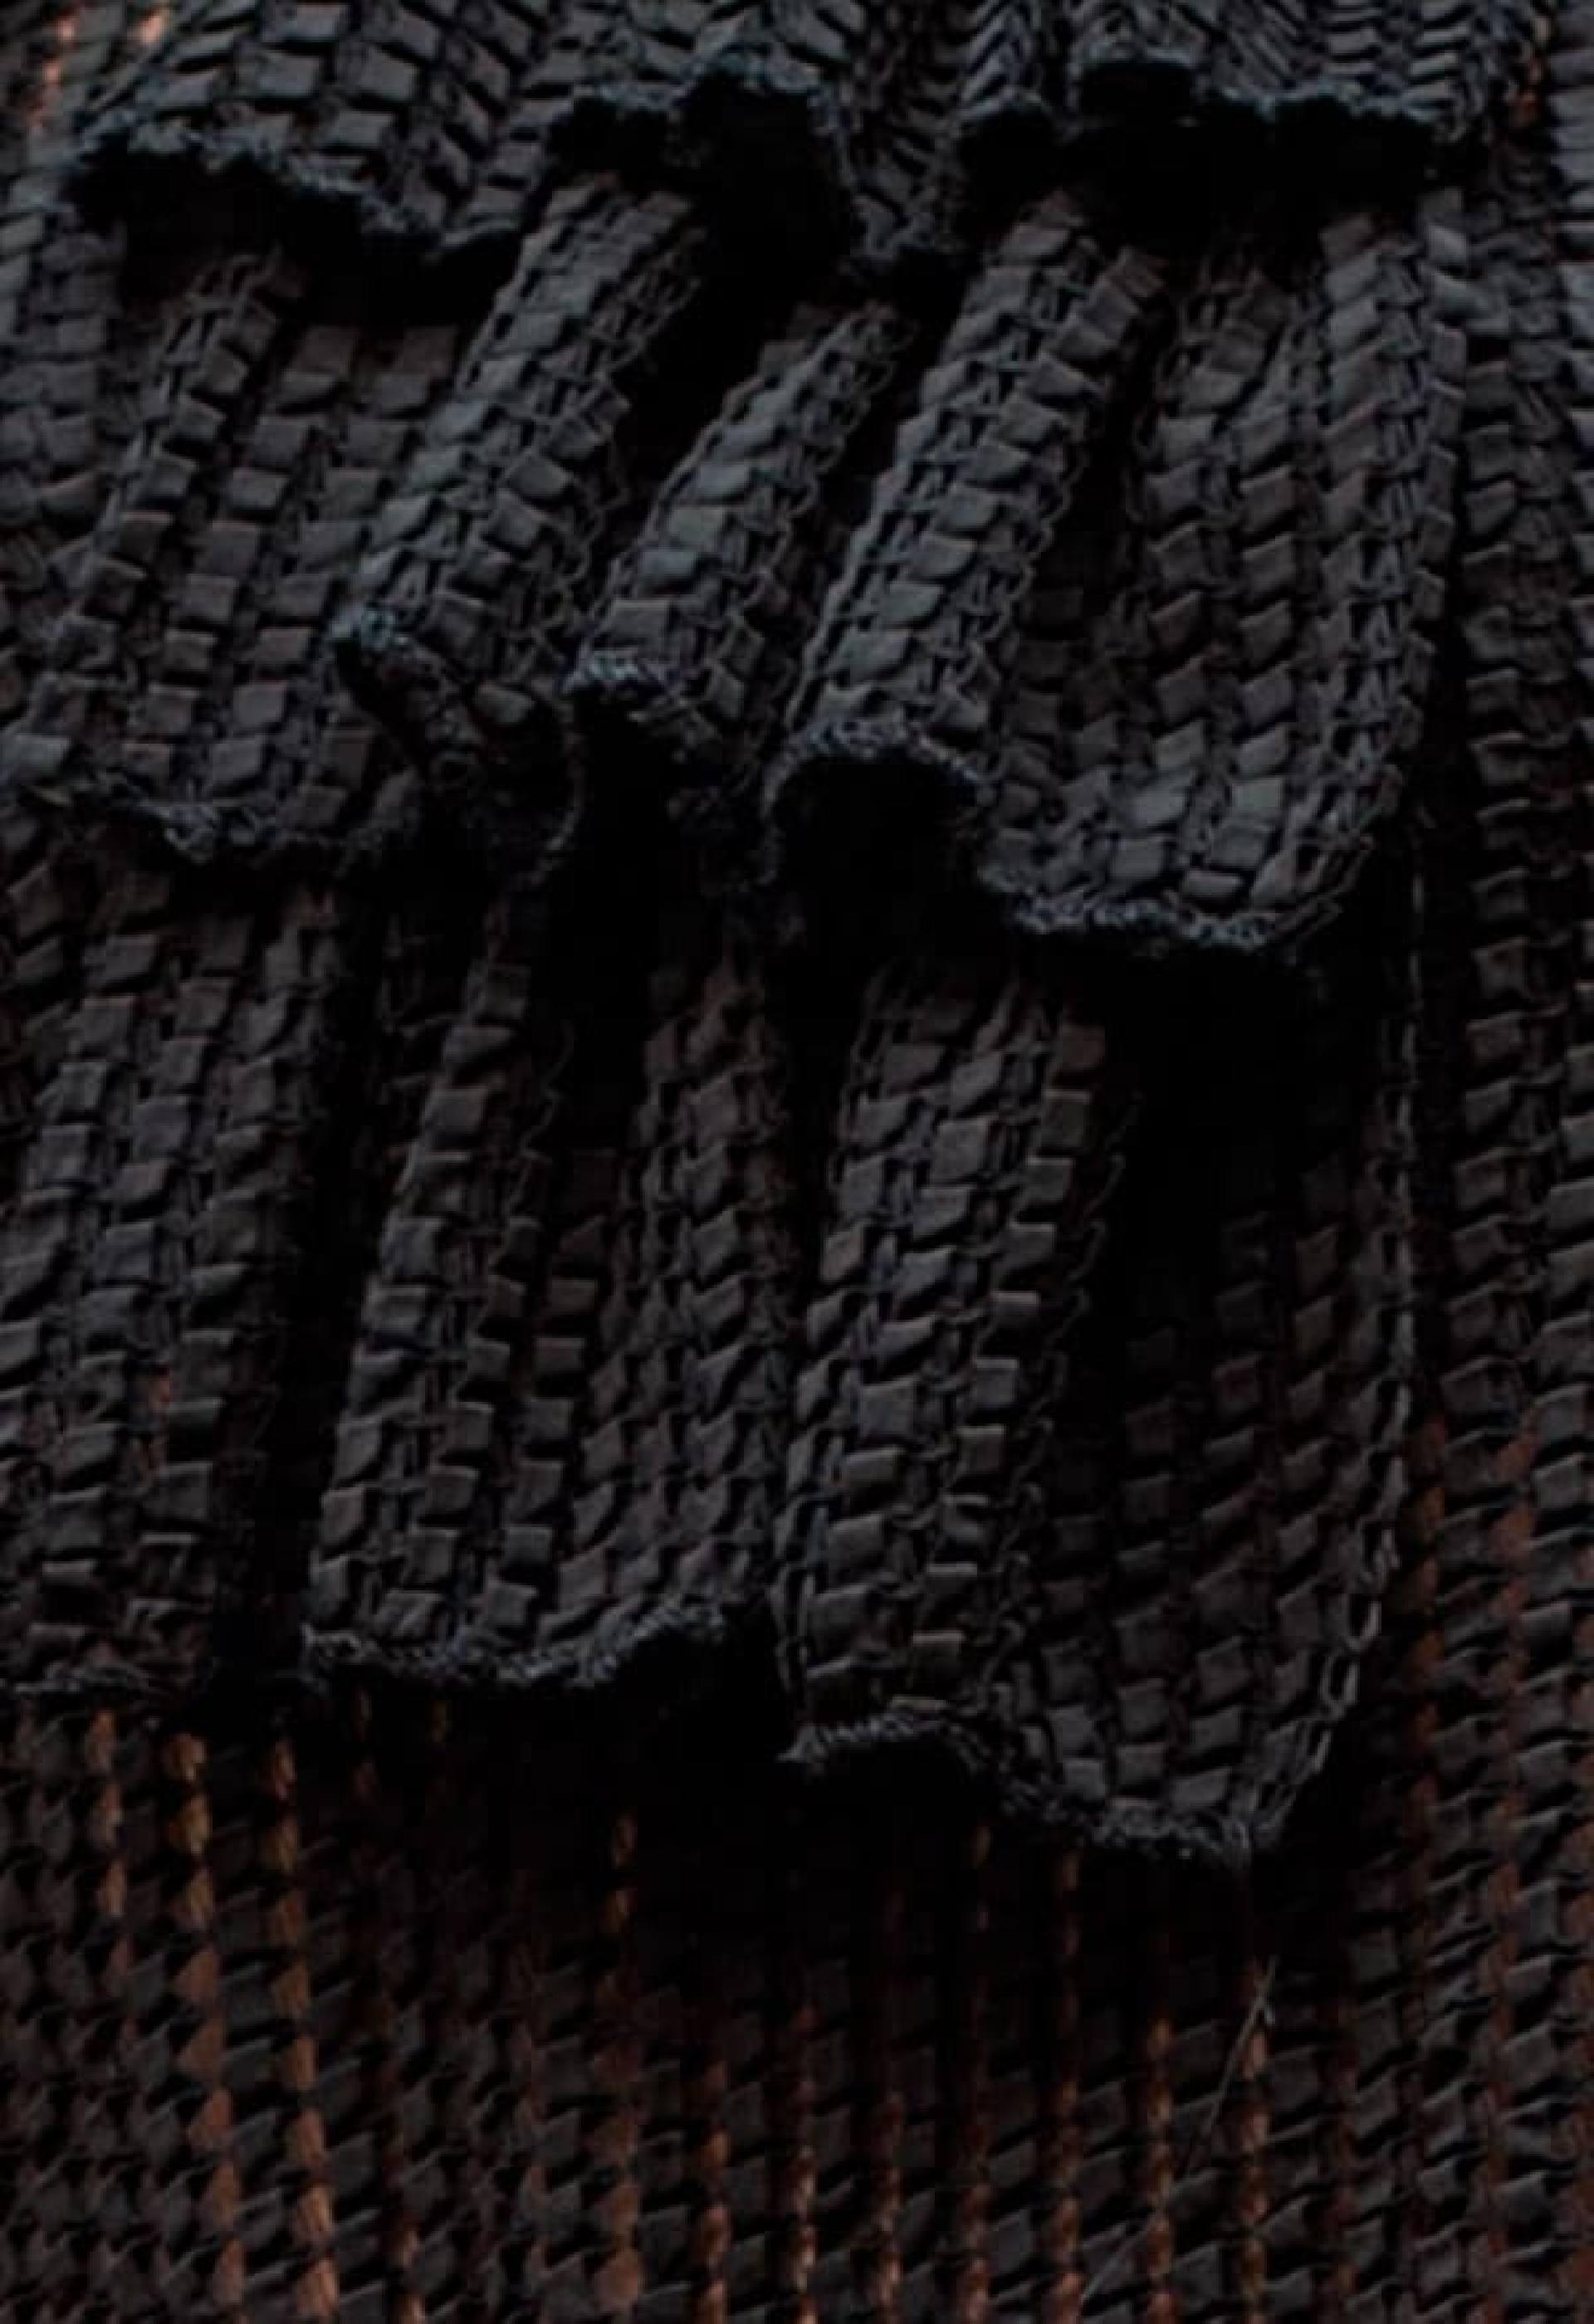 Detalle tejido blusa chorreras negras